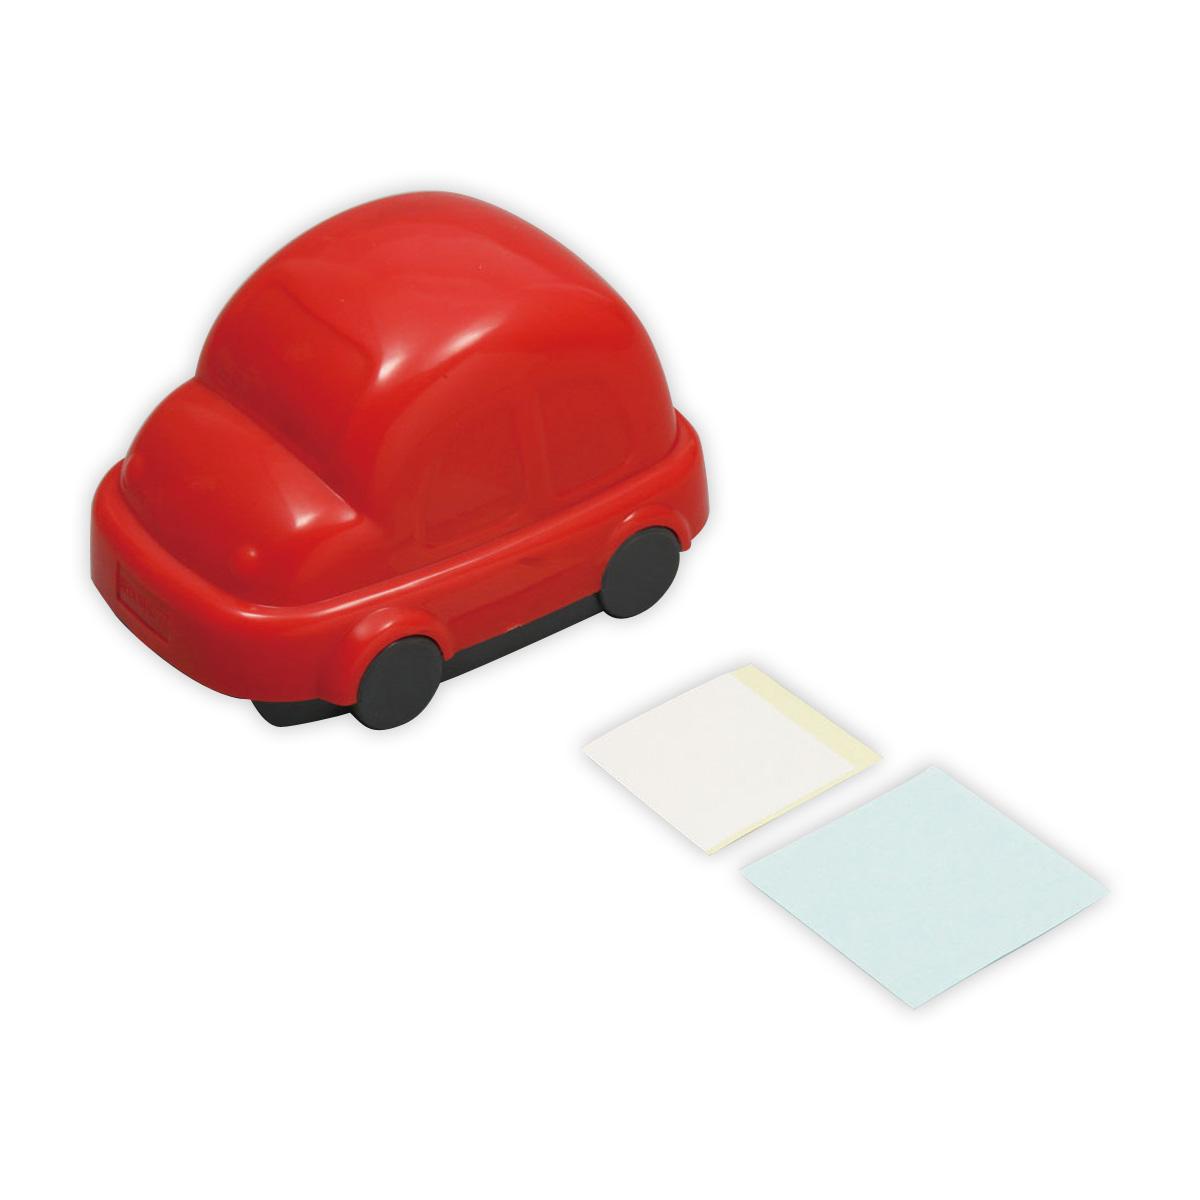 おえかきクリーナー 商品の色は選べません 工作 図工 キッズ 知育玩具 お絵かき